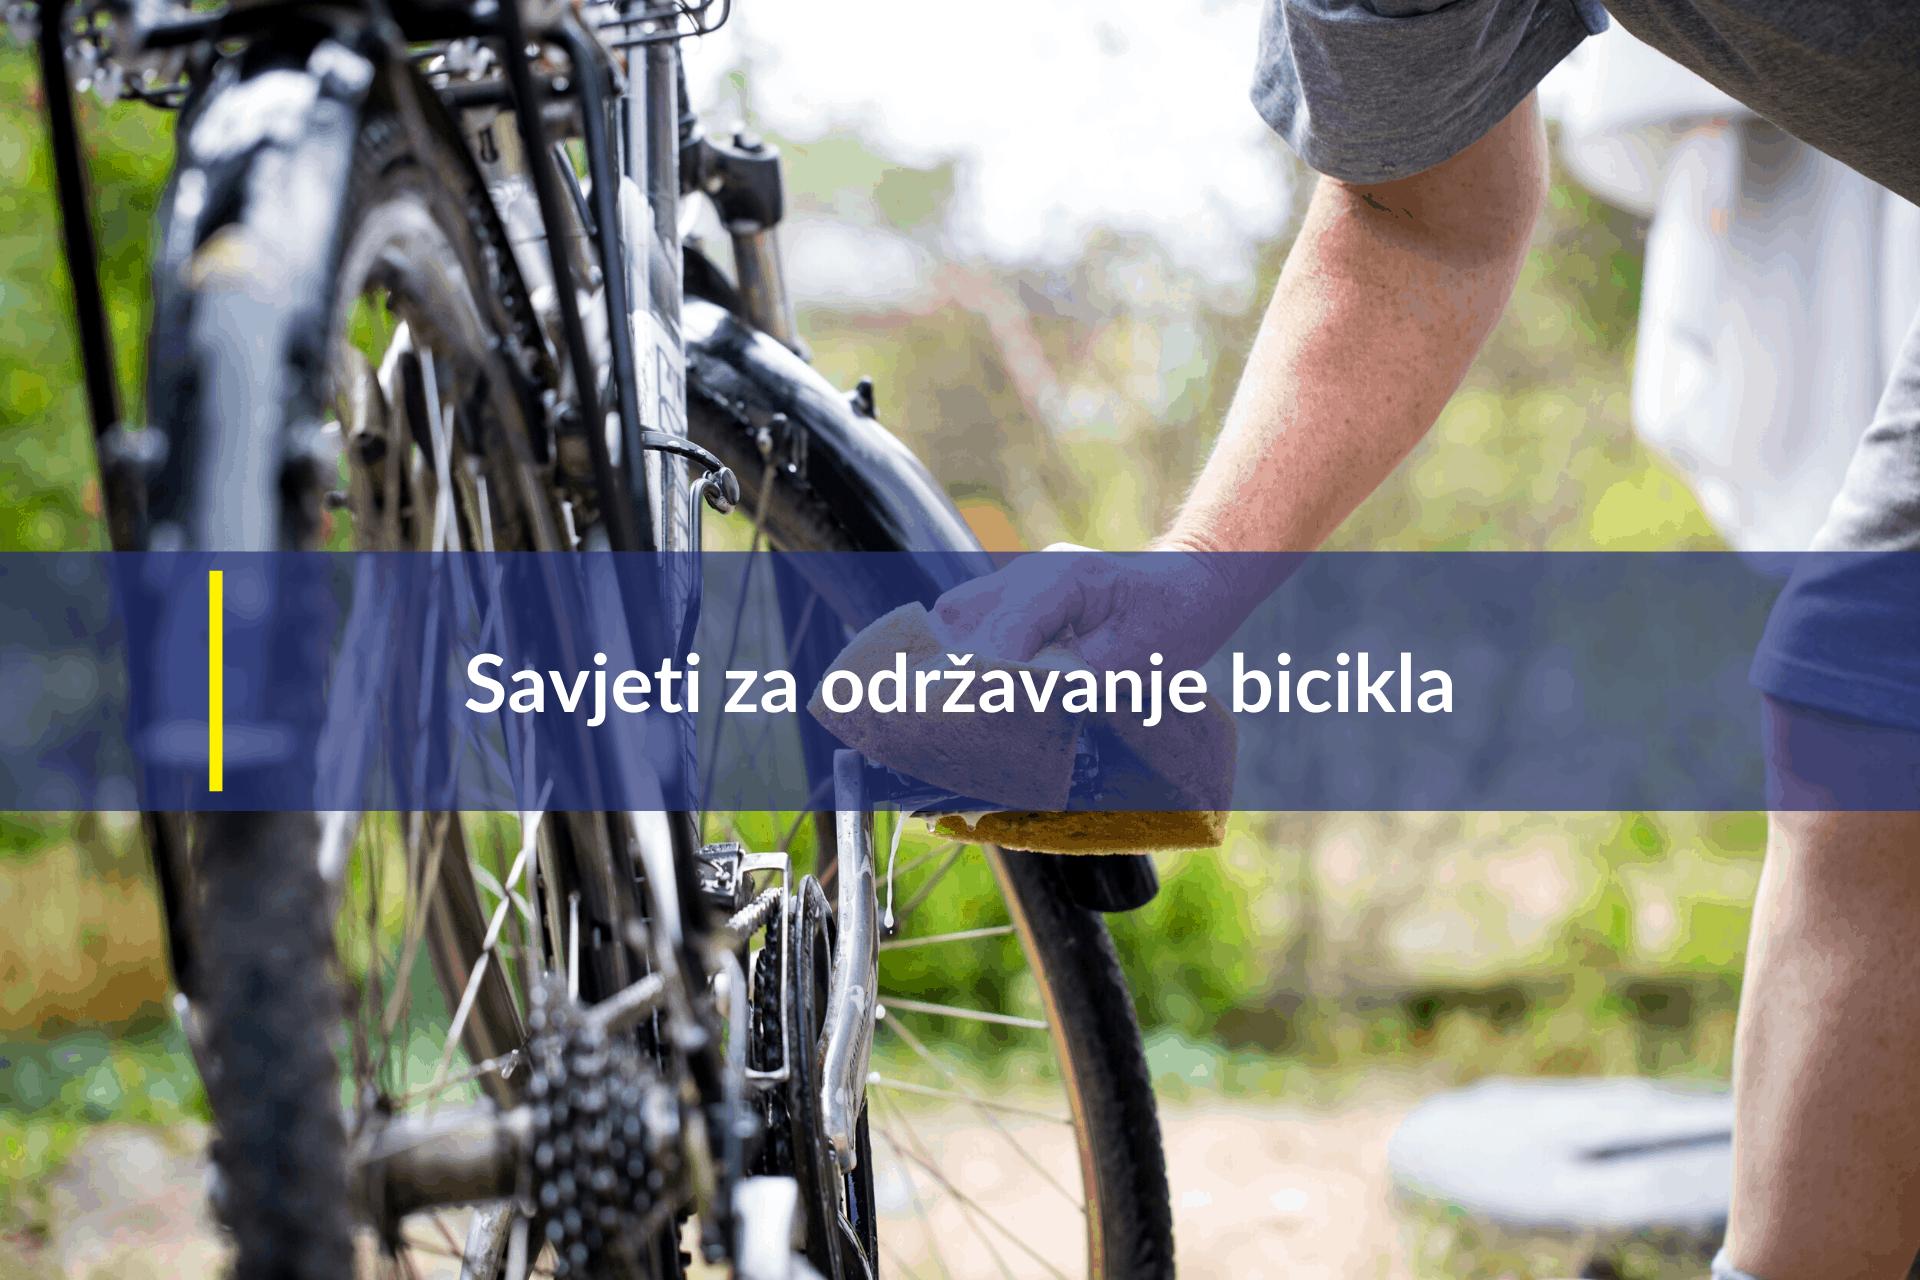 savjeti za održavanje bicikla (1)